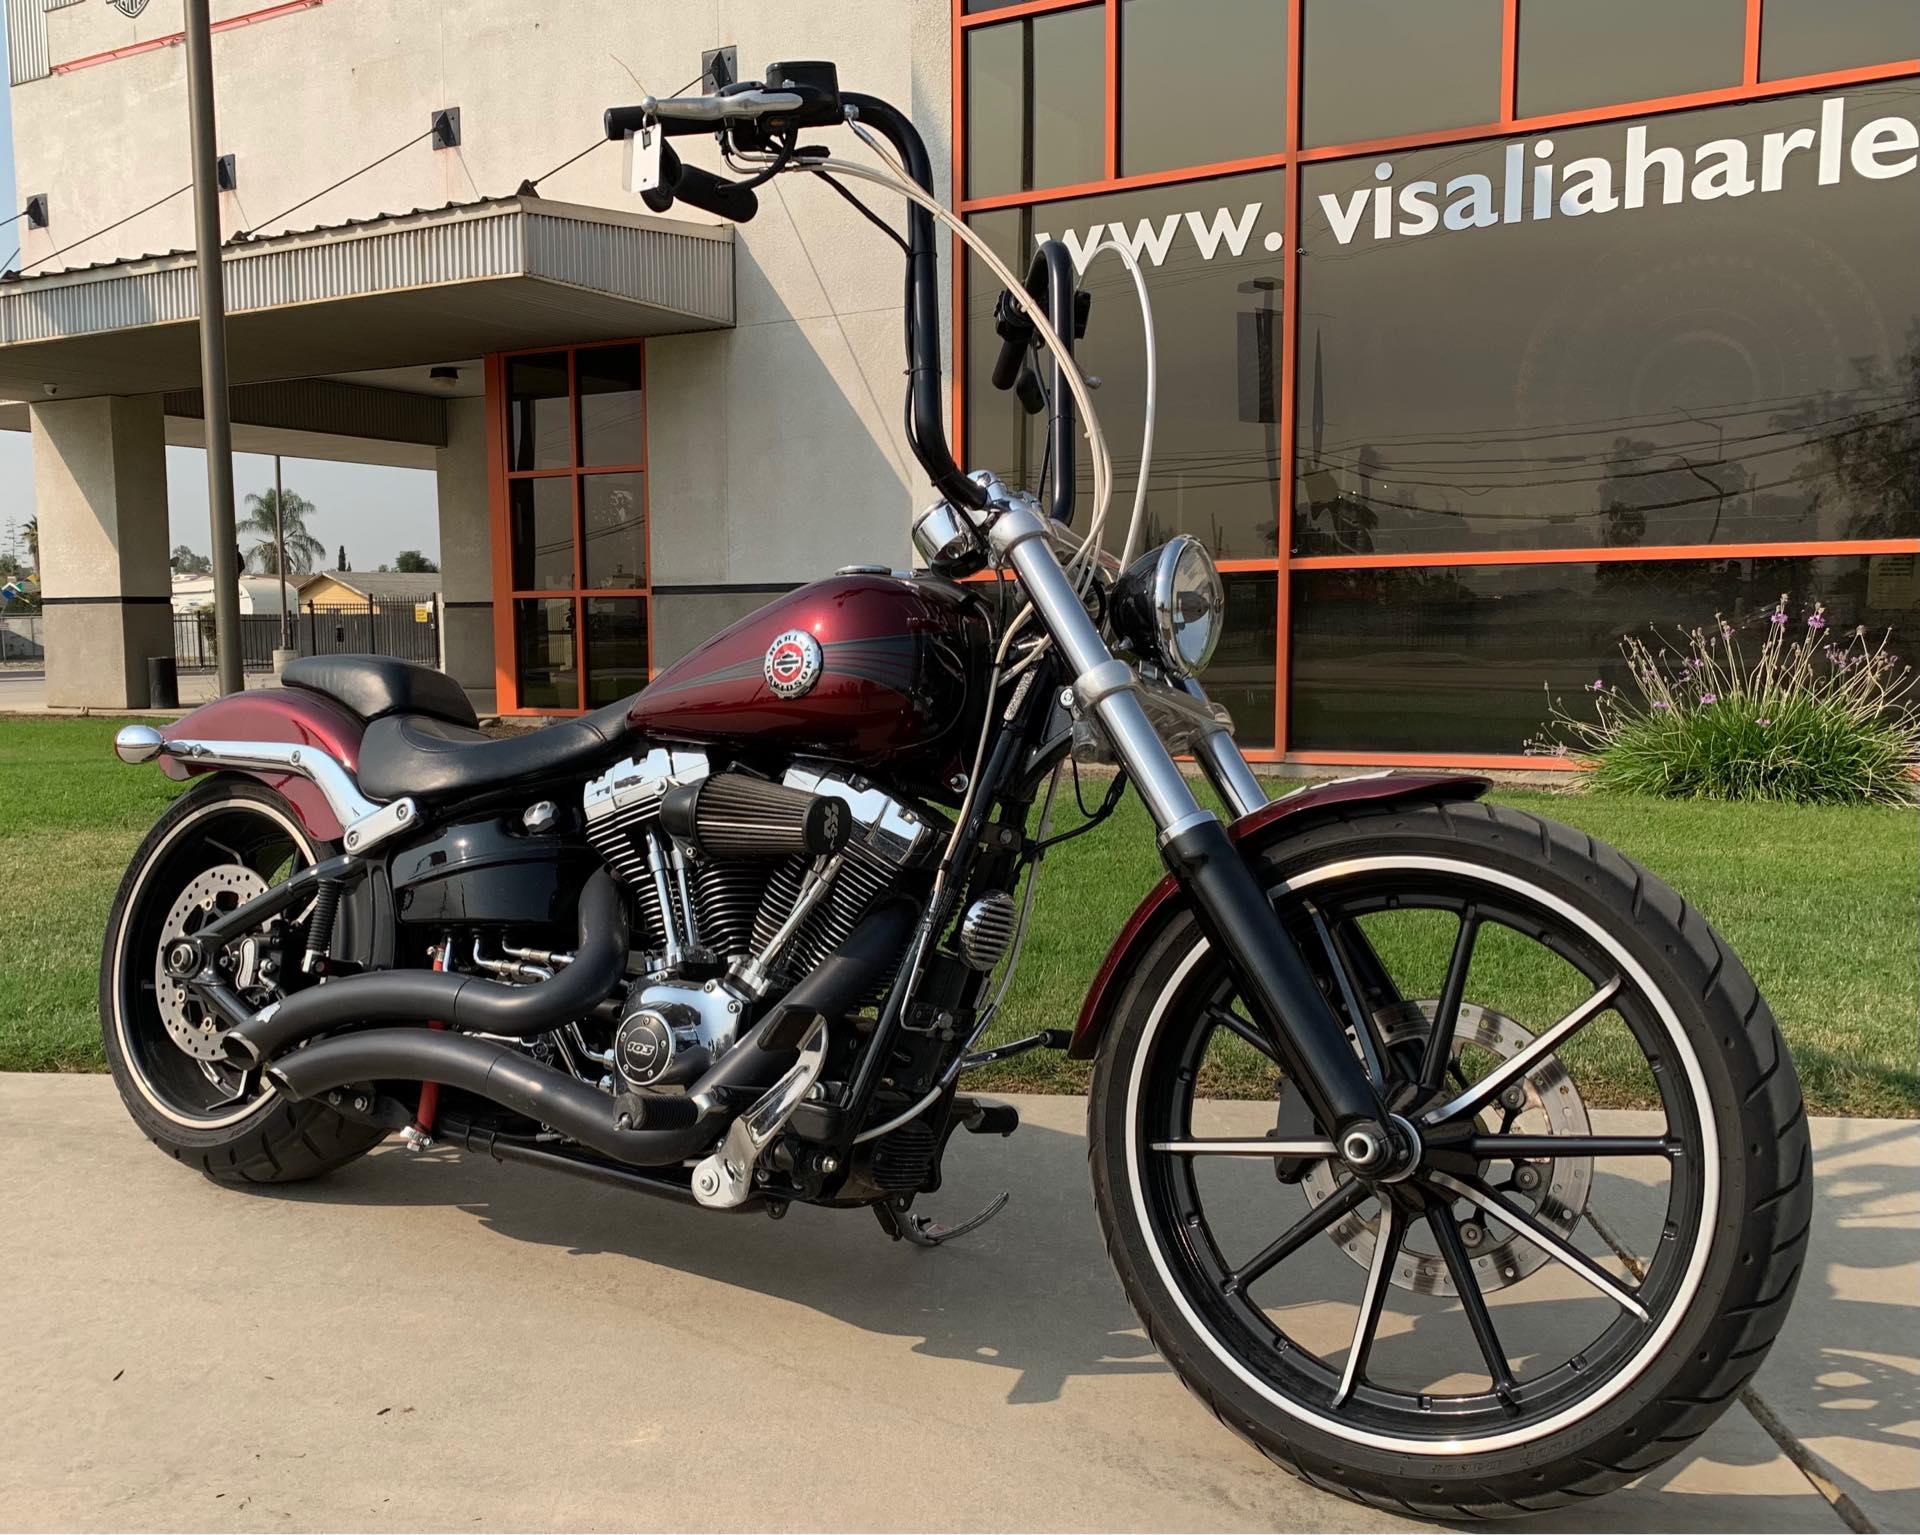 2015 Harley-Davidson Softail Breakout at Visalia Harley-Davidson